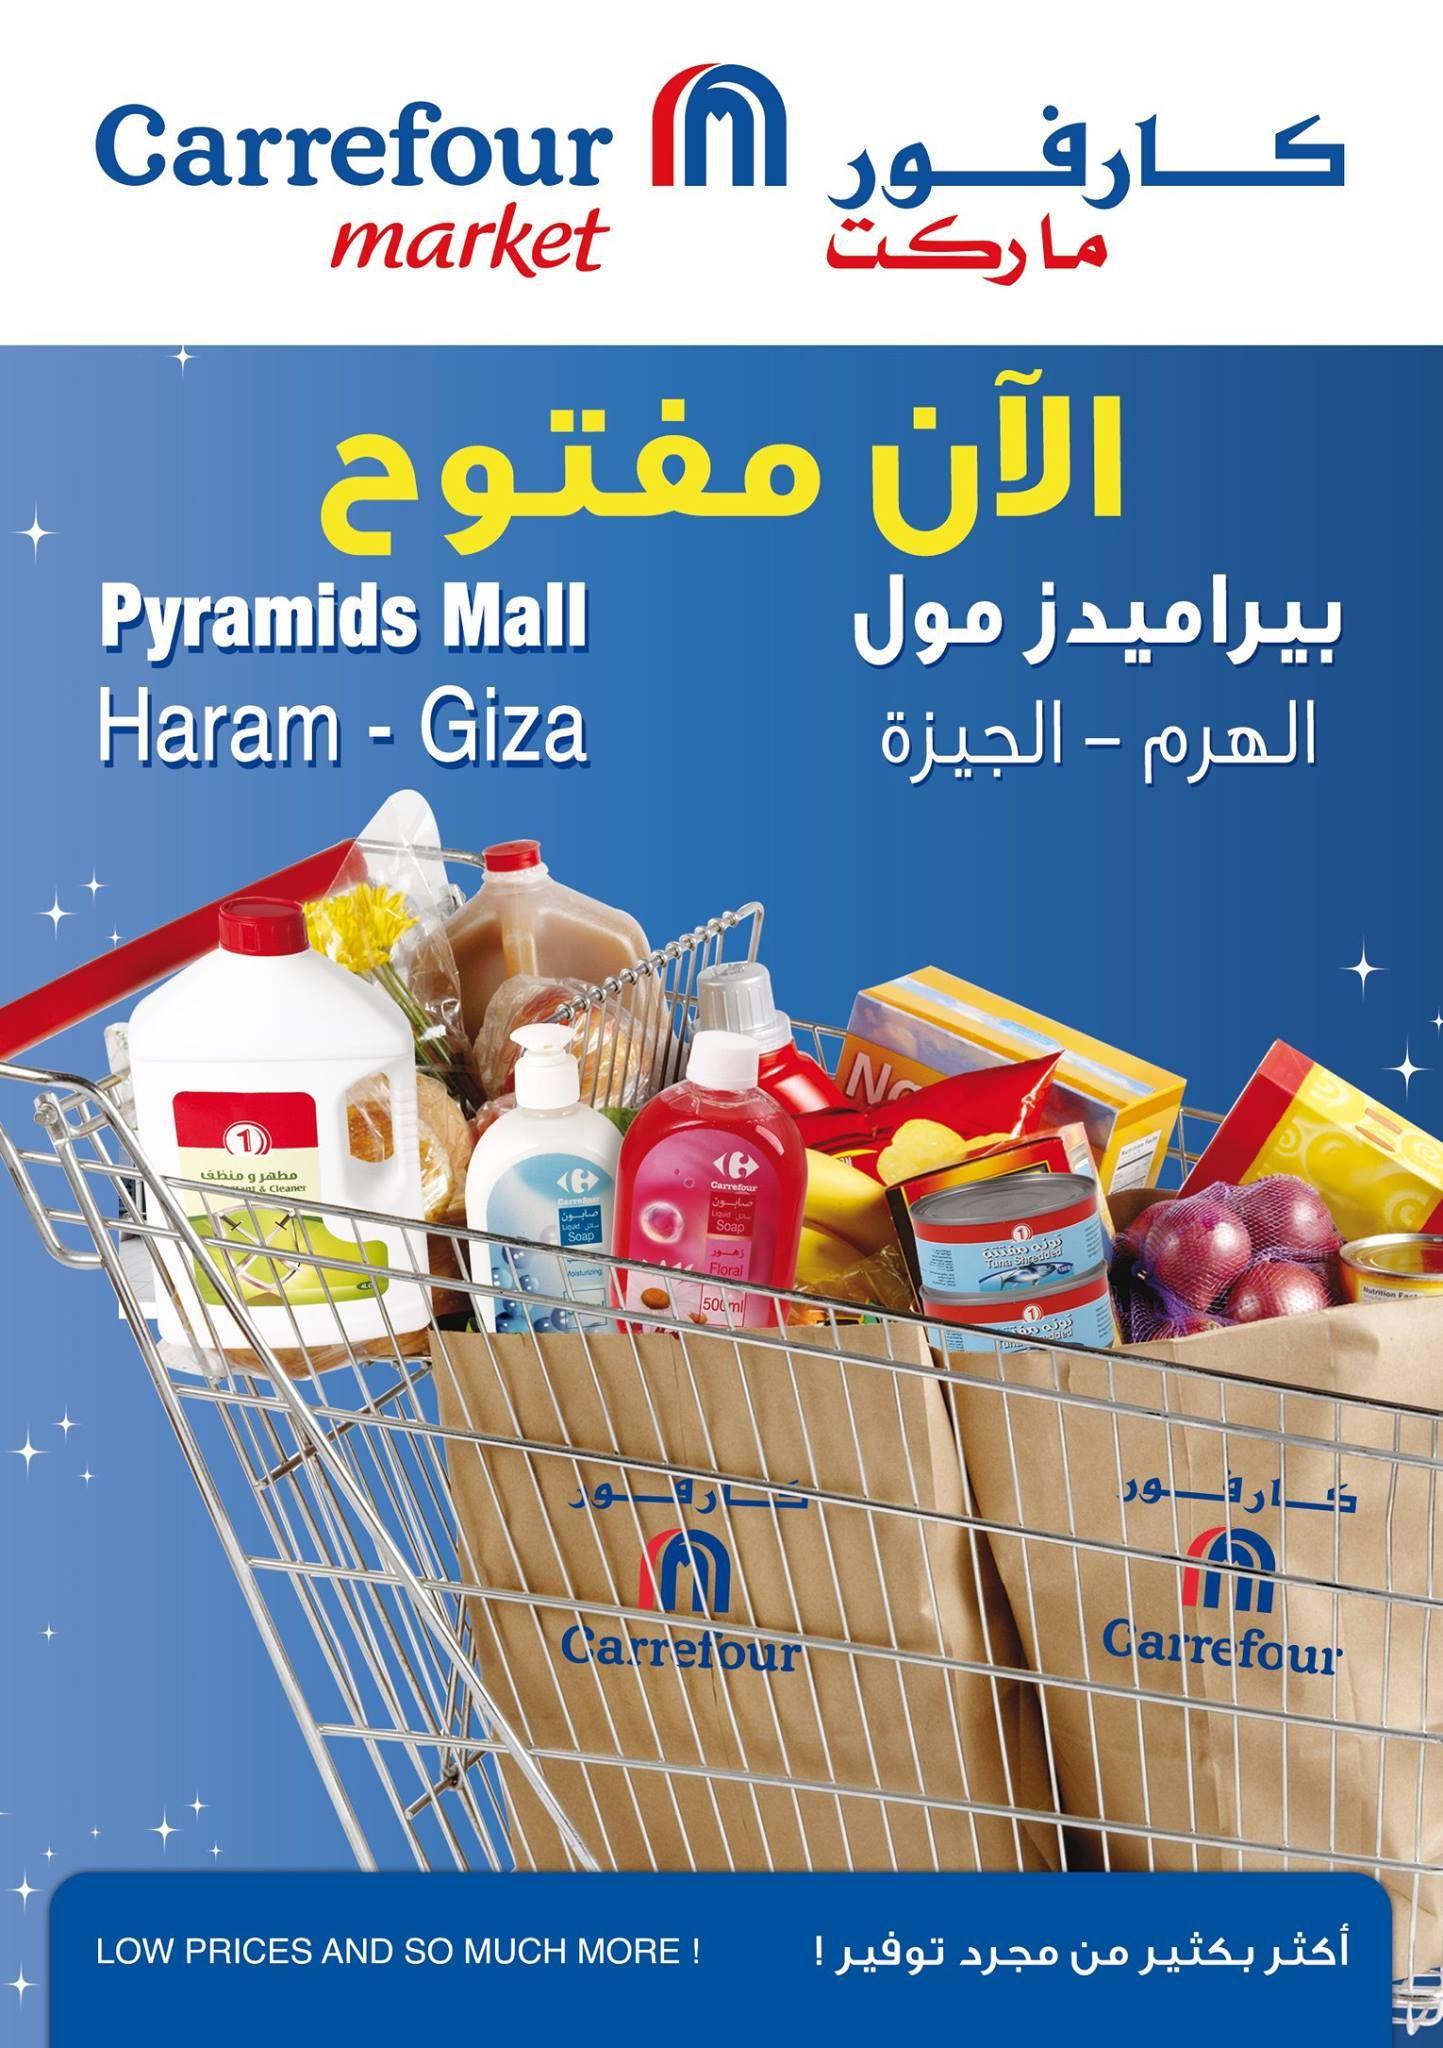 كارفور ماركت بيراميدز مول الهرم الجيزة مصر فرع جديد مفتوح الان اعلان 16 9 2015 Giza Egypt Pyramids